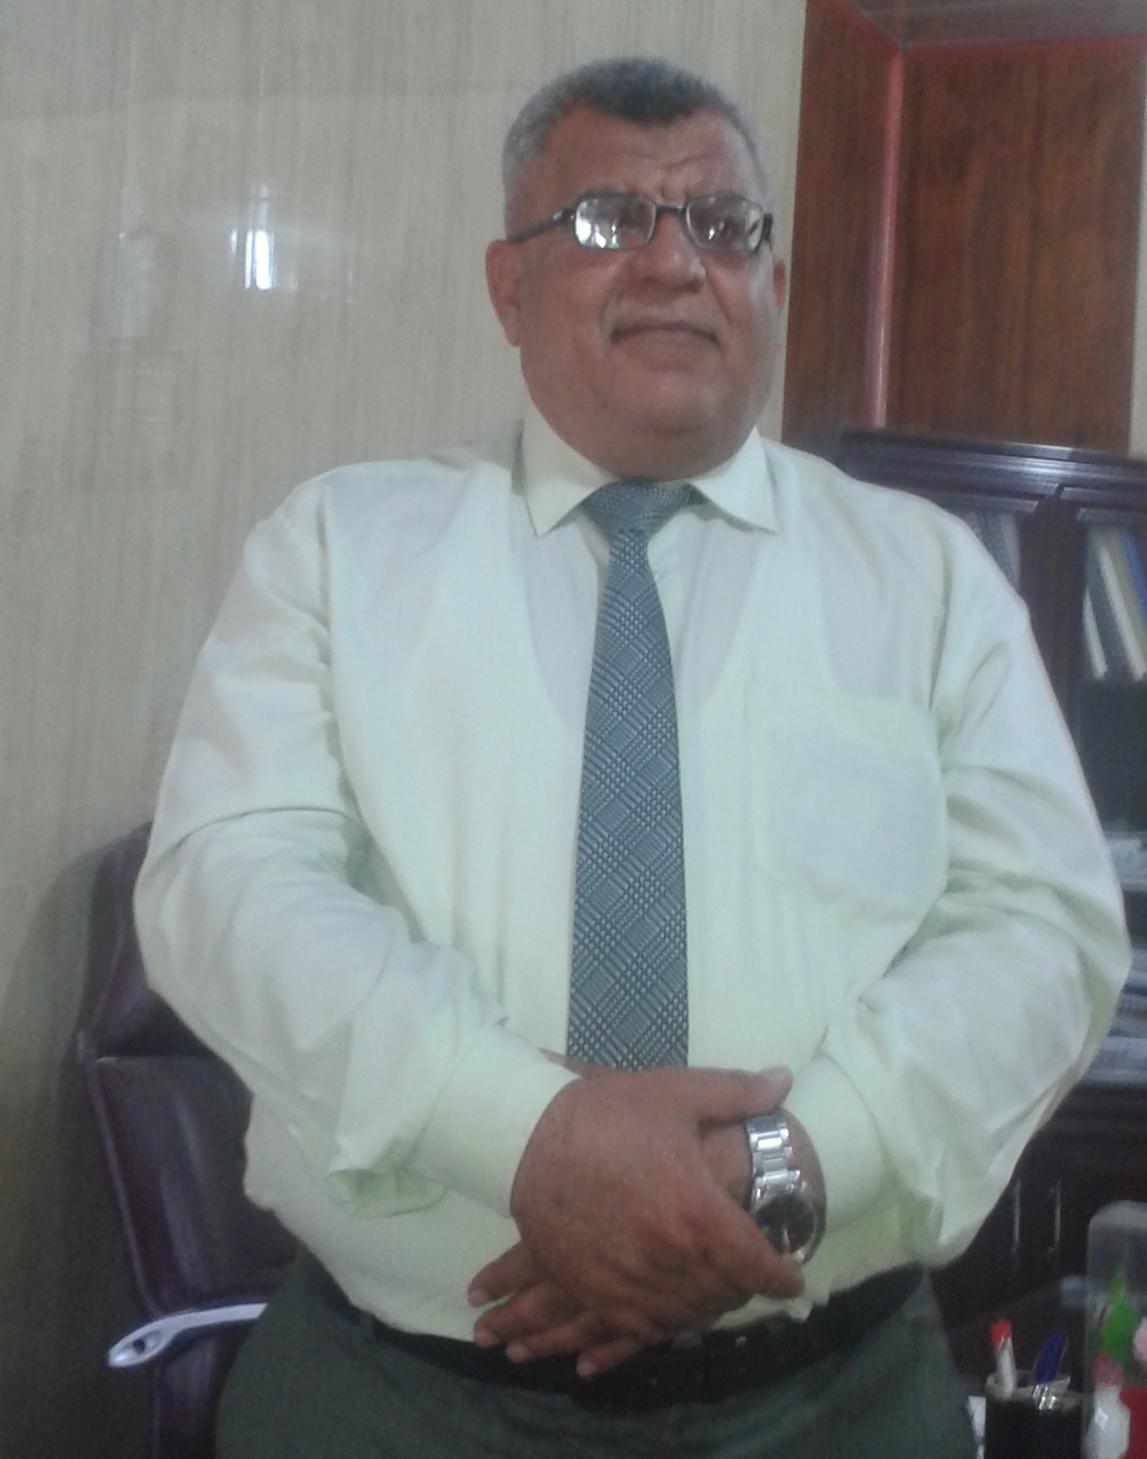 DheidanTuaresh Hashem